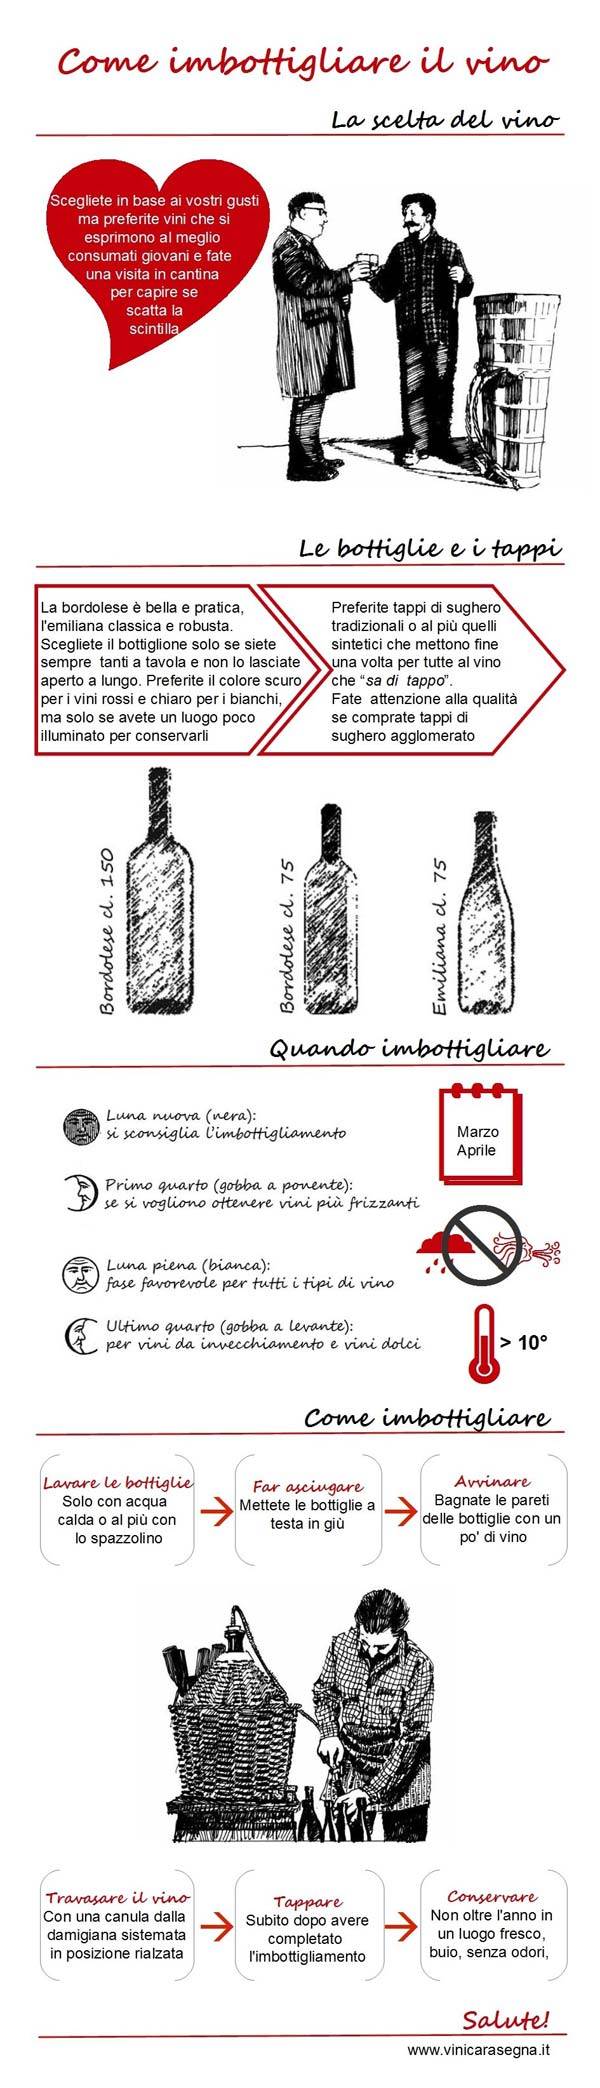 Infografica: come imbottigliare il vino